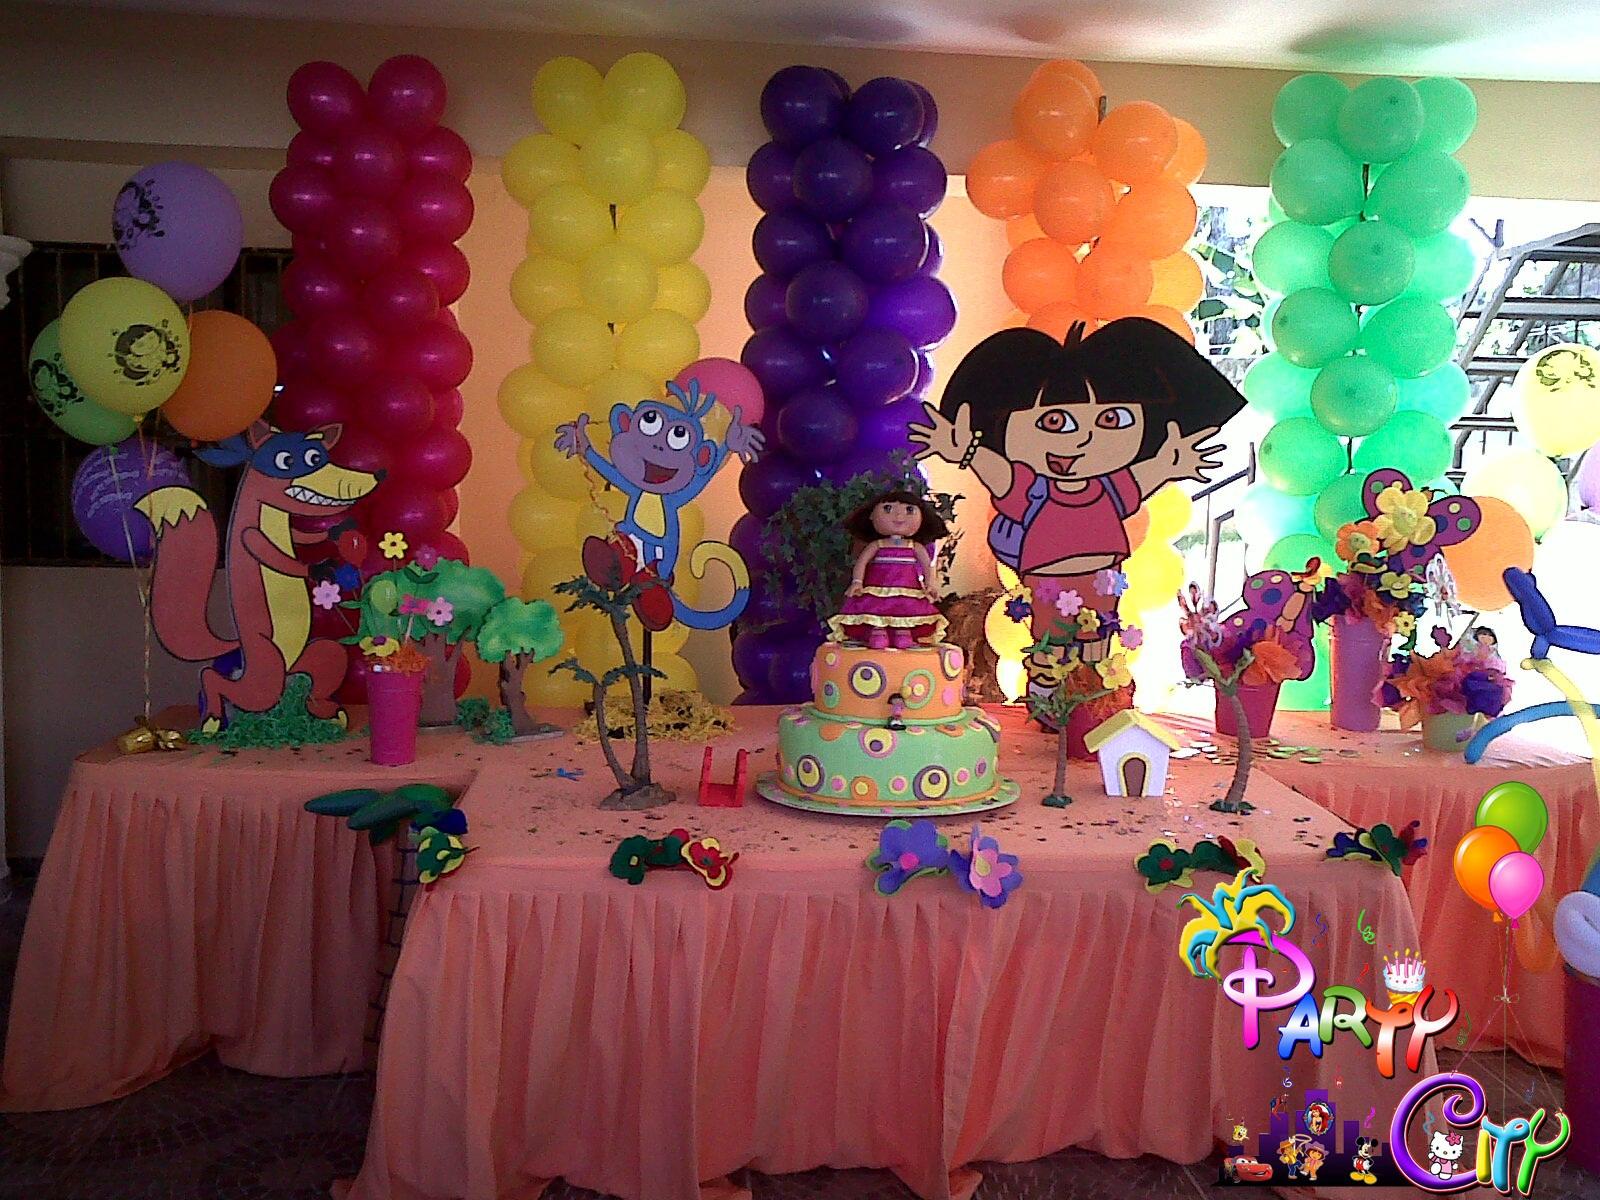 Party city decoraciones de cumplea os - Decoracion en espana ...